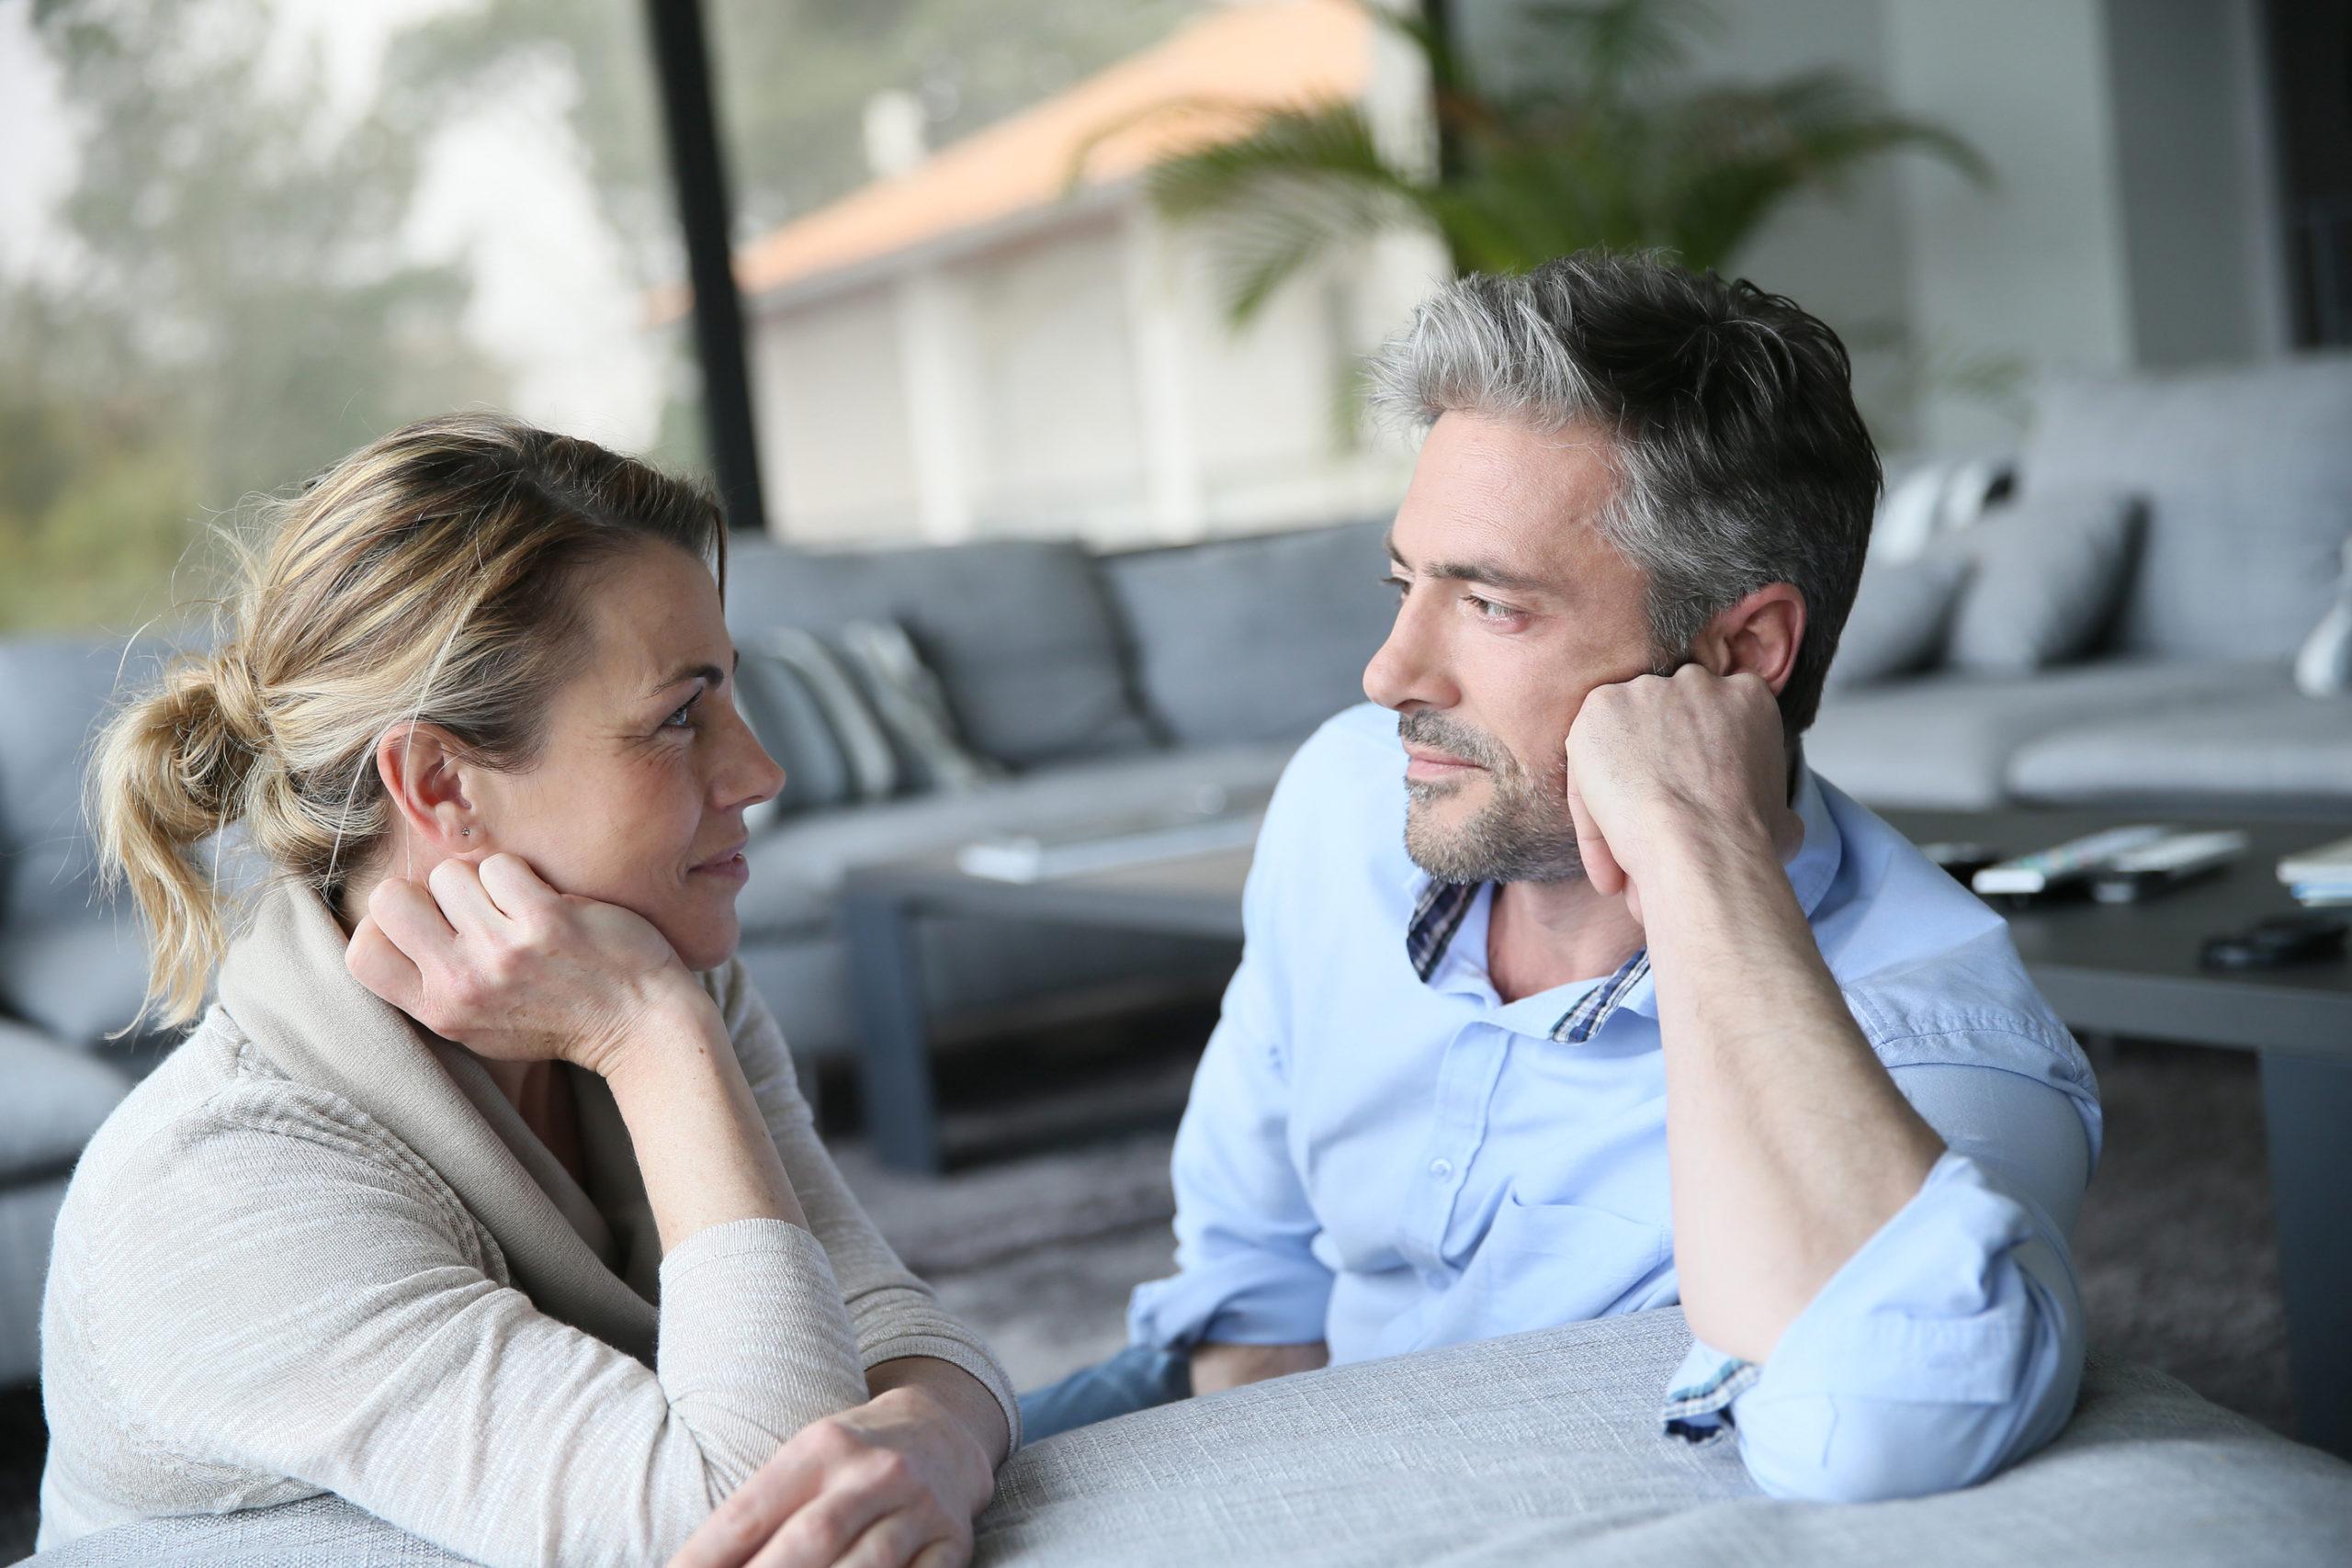 catia pompoarismo responsabilidade afetiva casal sentimentos